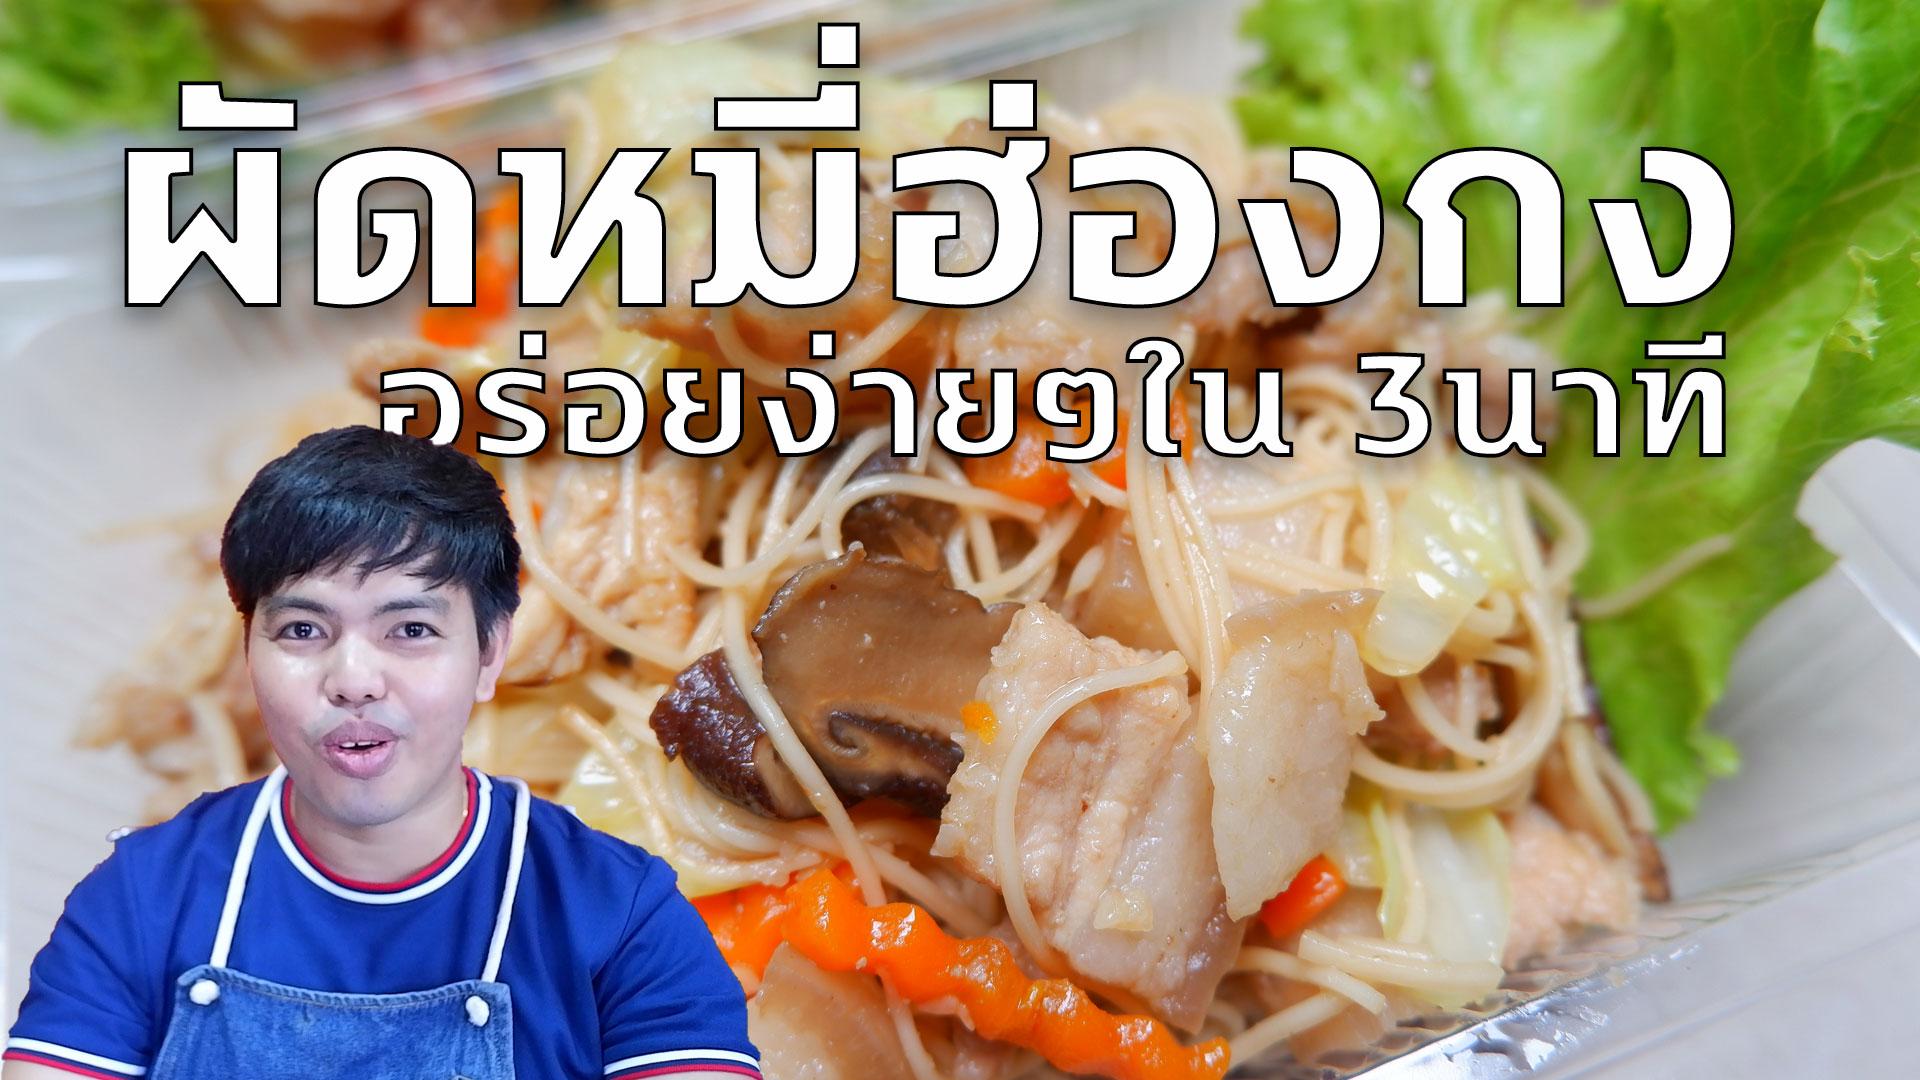 วิธีผัดหมี่ฮ่องกง ร้านไหนอร่อย ก็ต้องร้านต้นมะขามแซ่บร้านนี้เลย